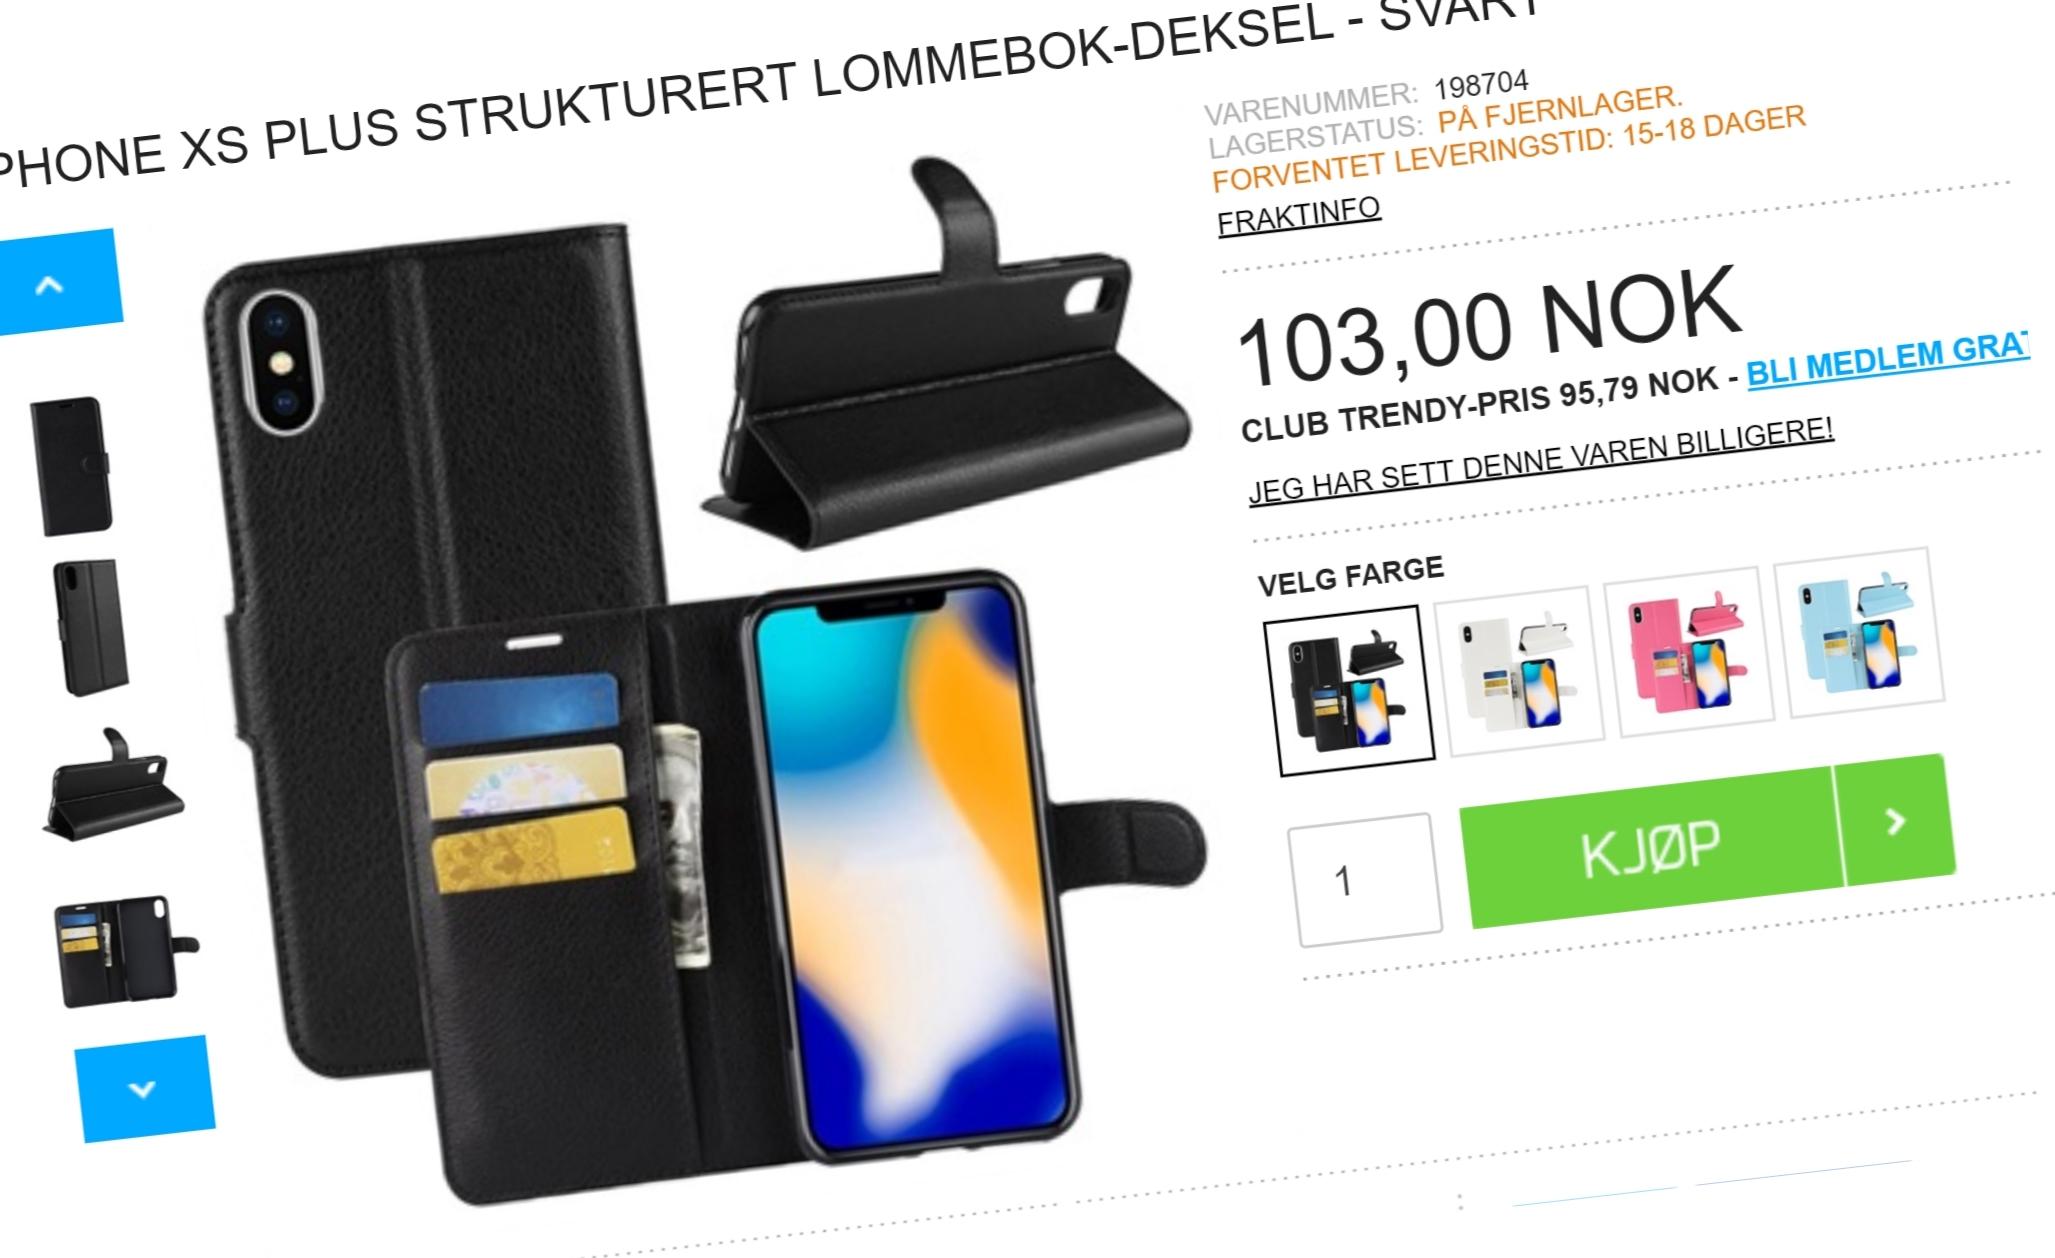 Norsk nettbutikk med iPhone XS Plus-tilbehør - den nye iPhone-modellen kommer ikke før i oktober